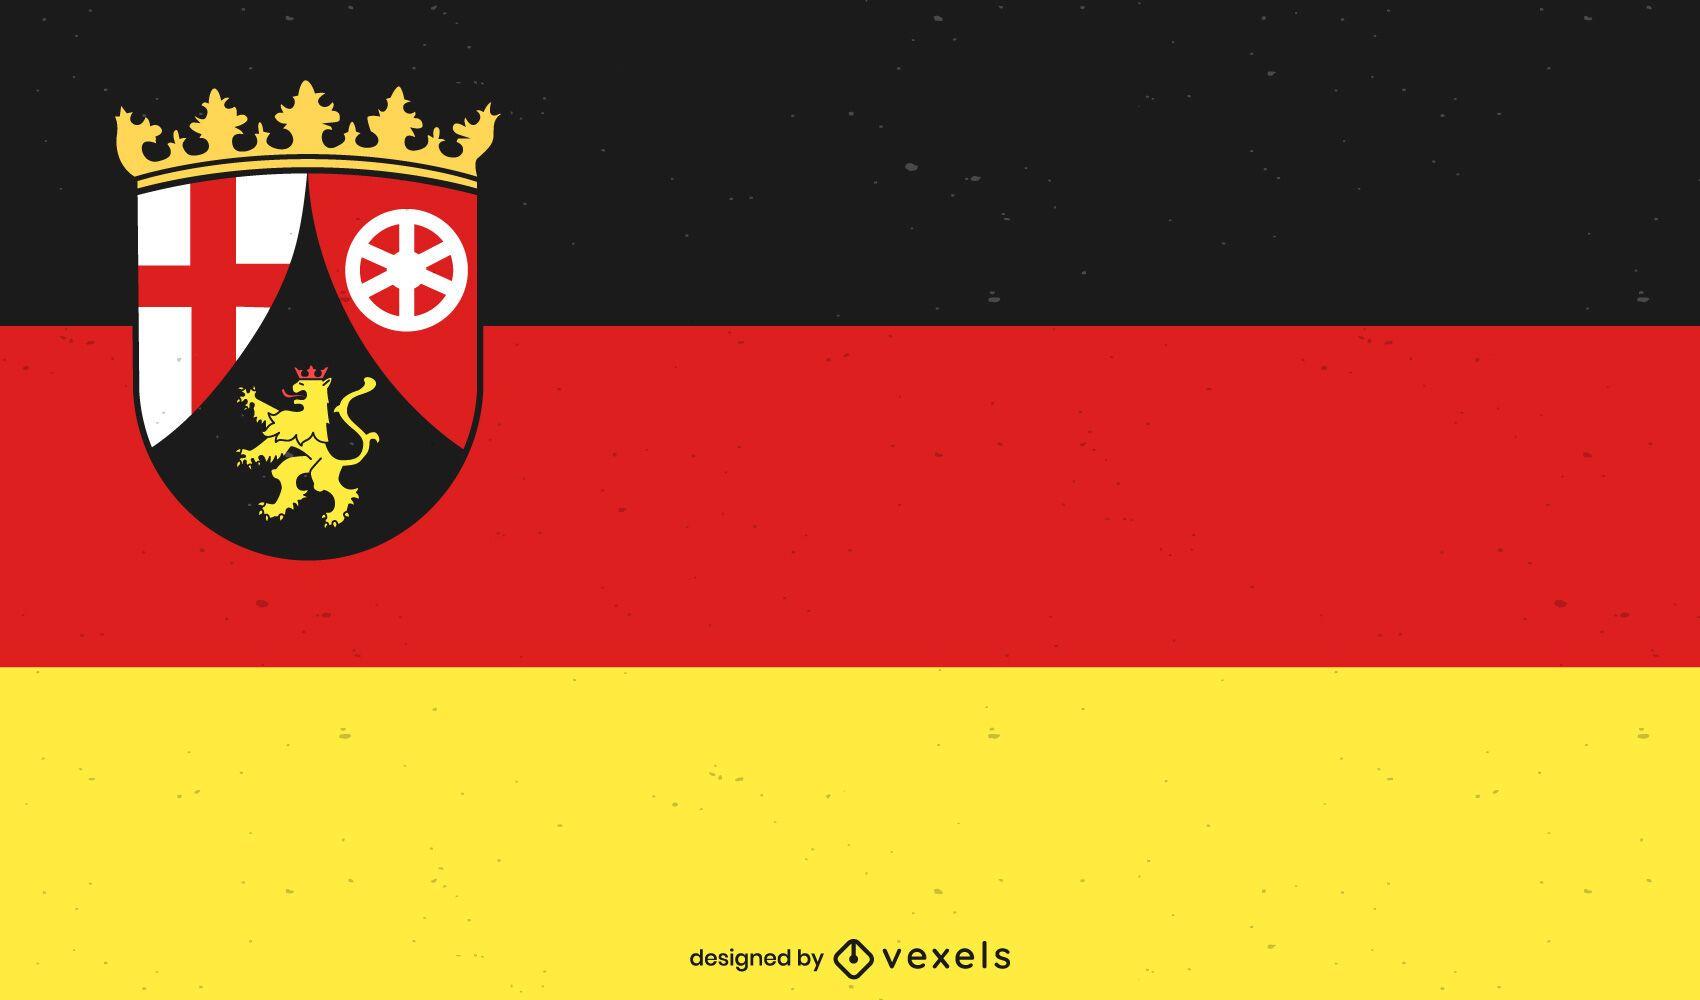 Desenho da bandeira do estado de Rheinland-Pfalz